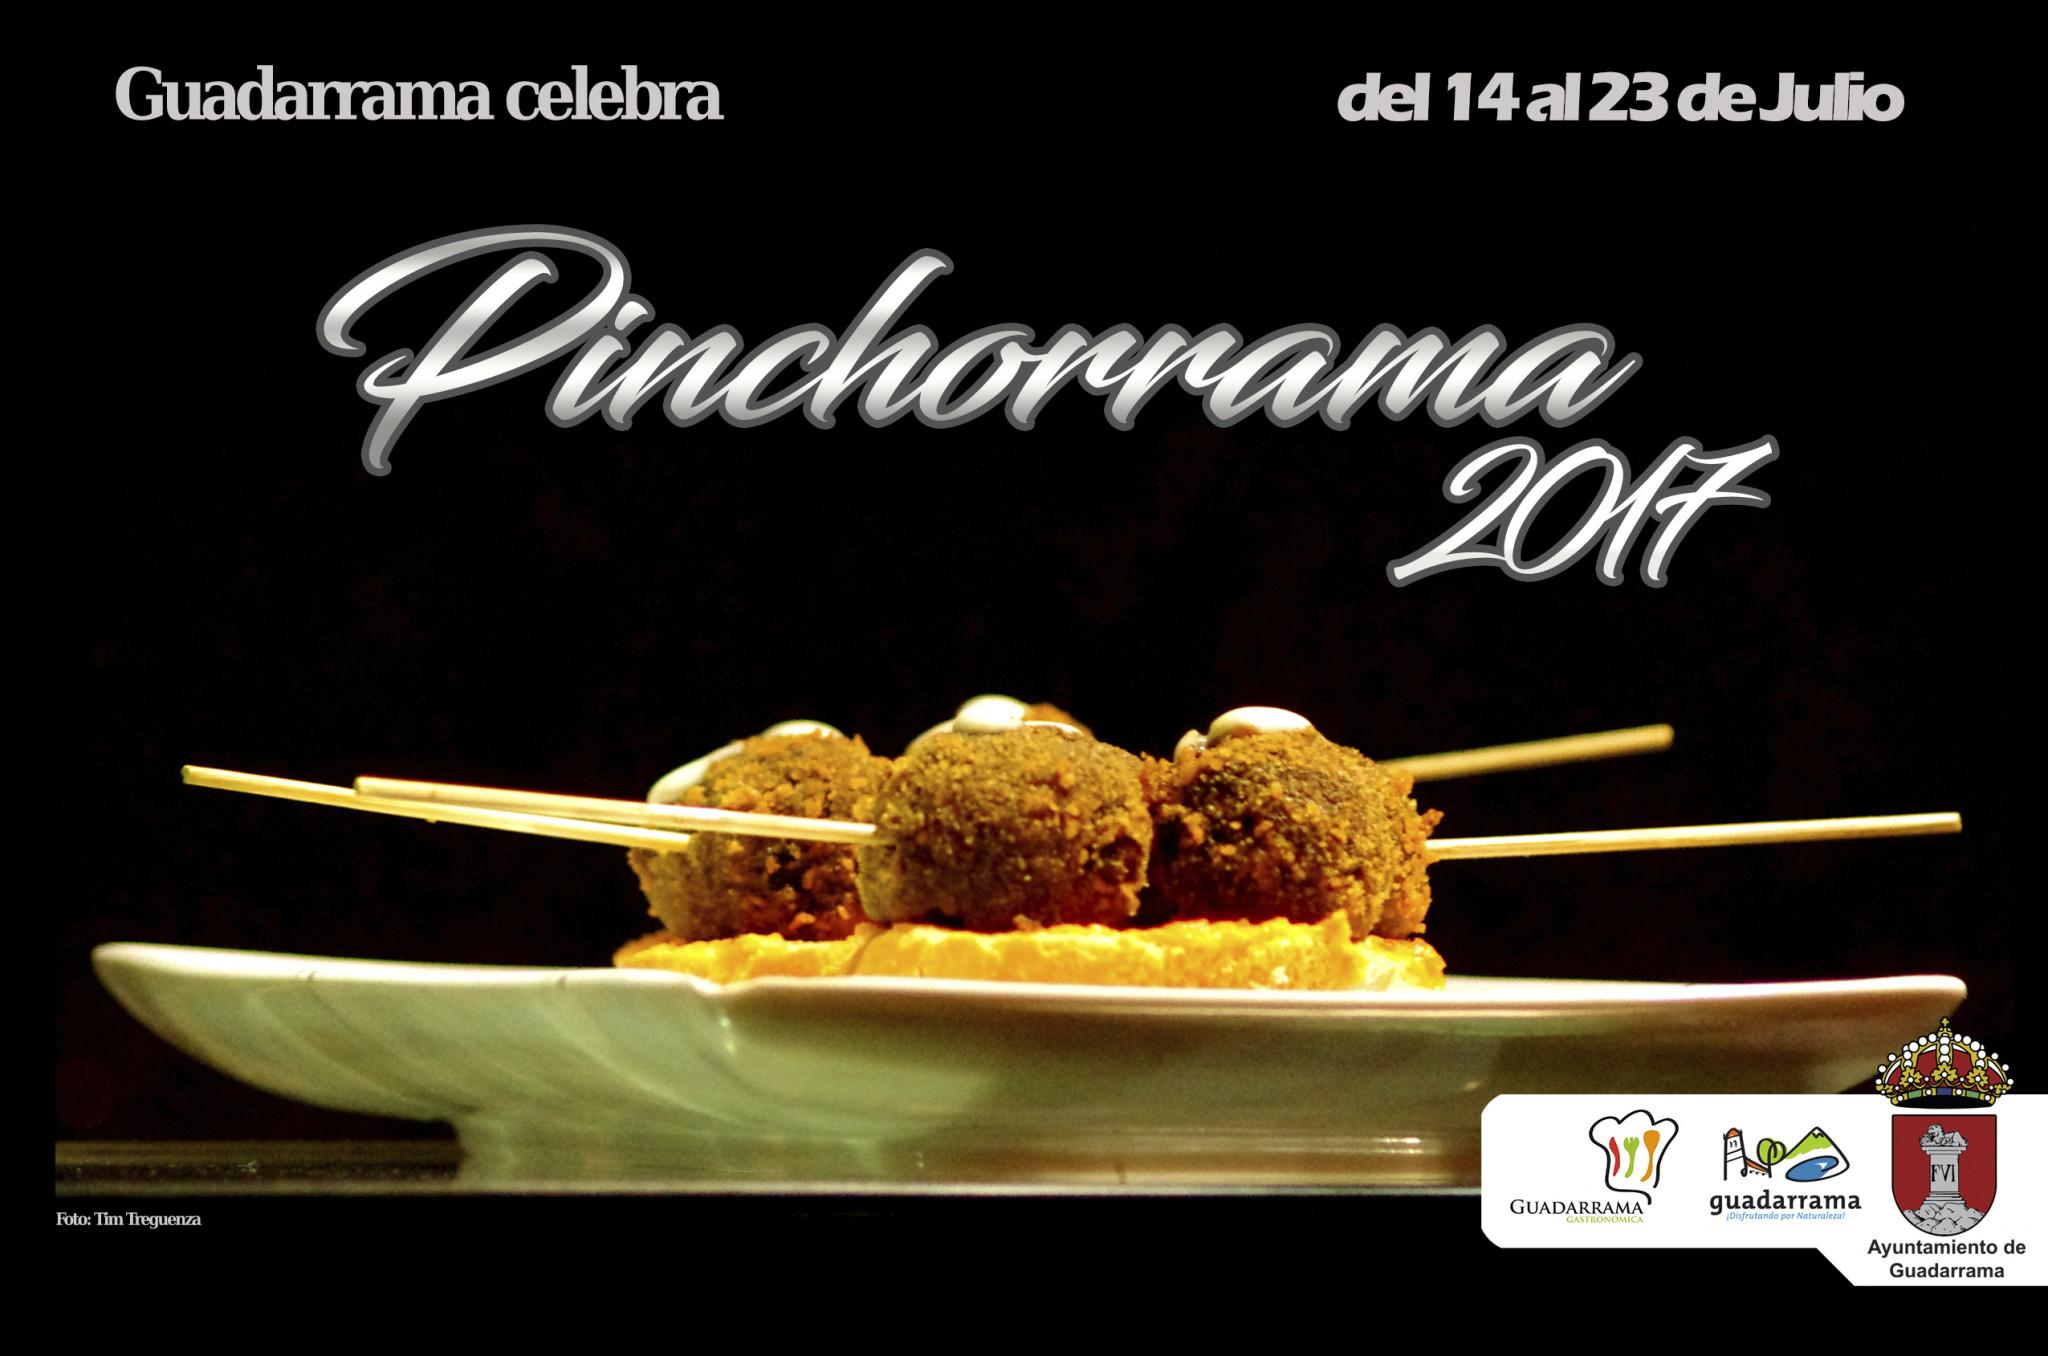 Pinchorrama 1423